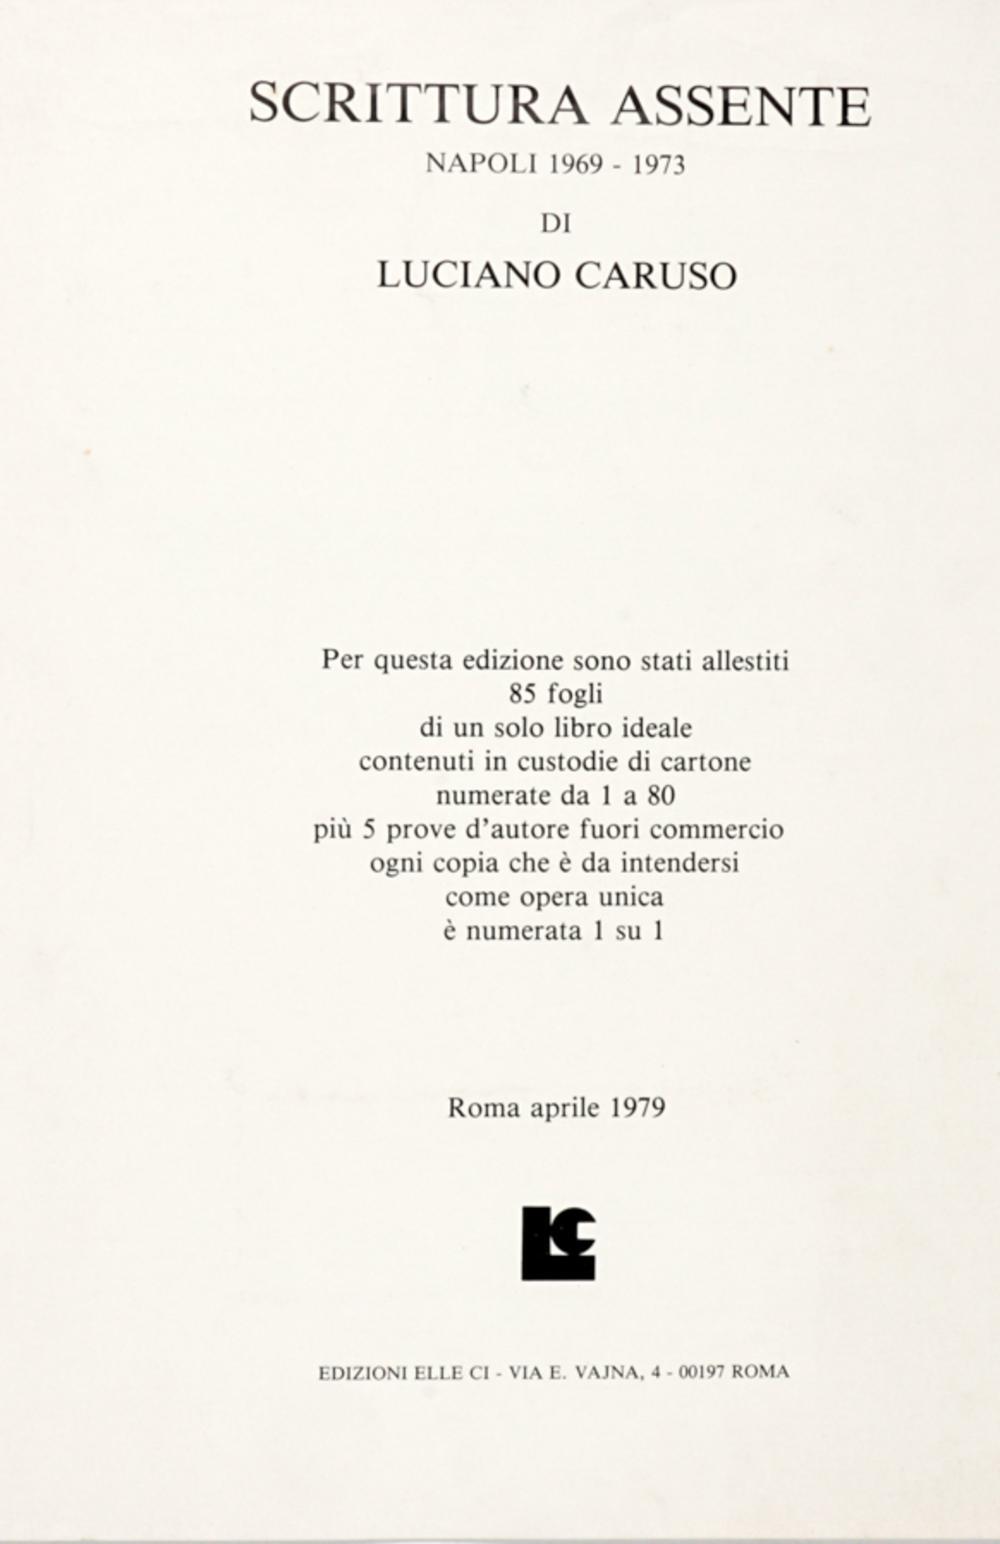 Caruso Luciano, Scrittura assente. La distanza riconquistata. Roma: Edizioni Elle Ci, 1979.